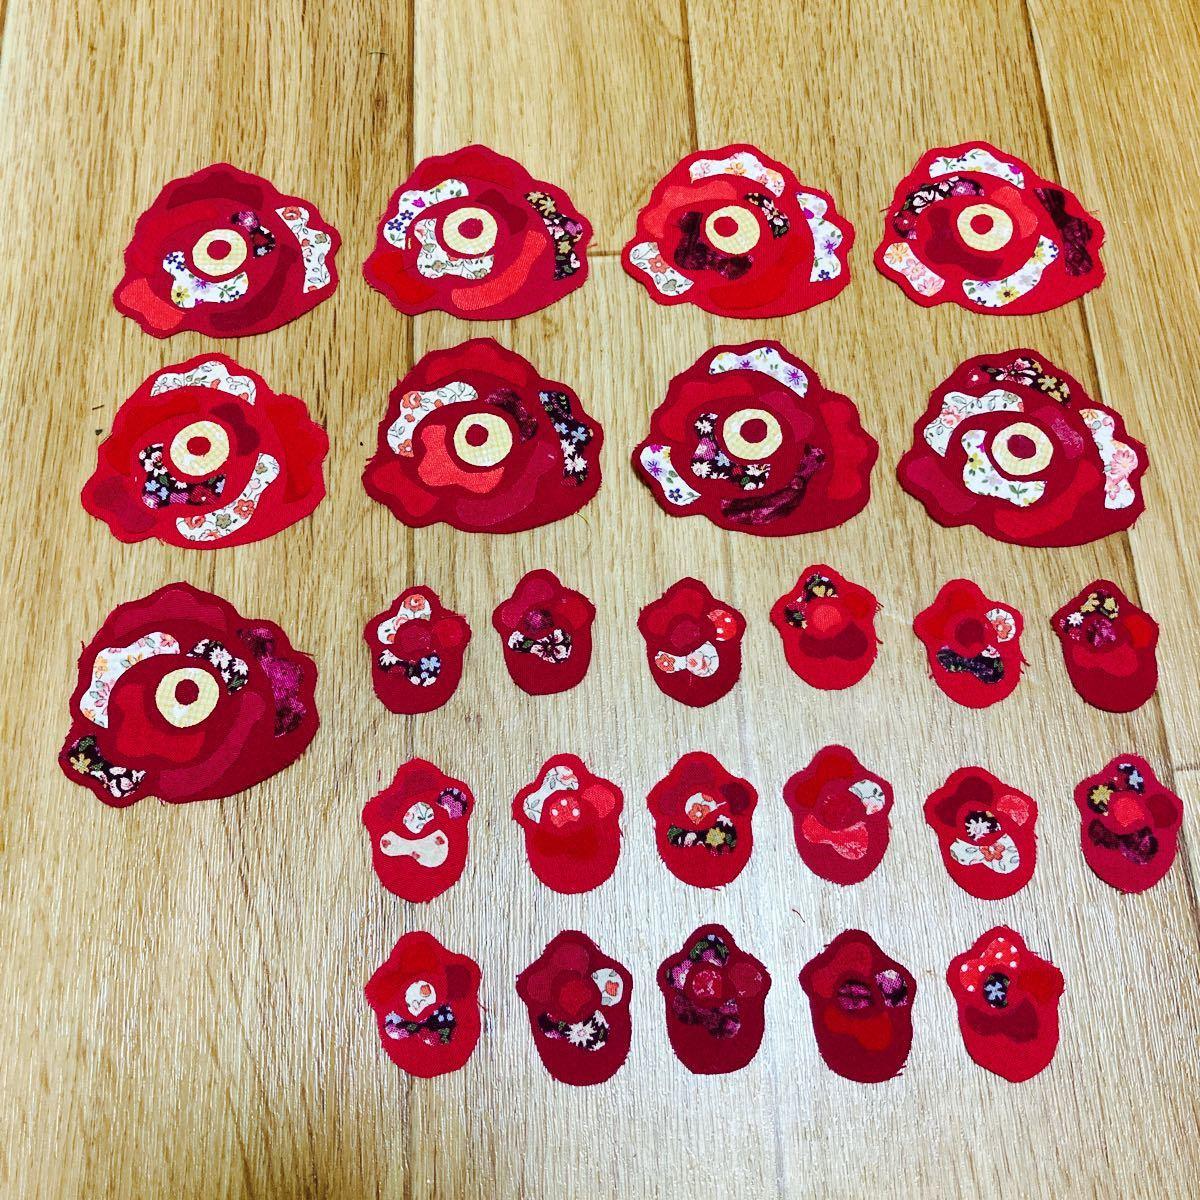 モチーフ バラの花 9枚 蕾 17枚 ハンドメイド